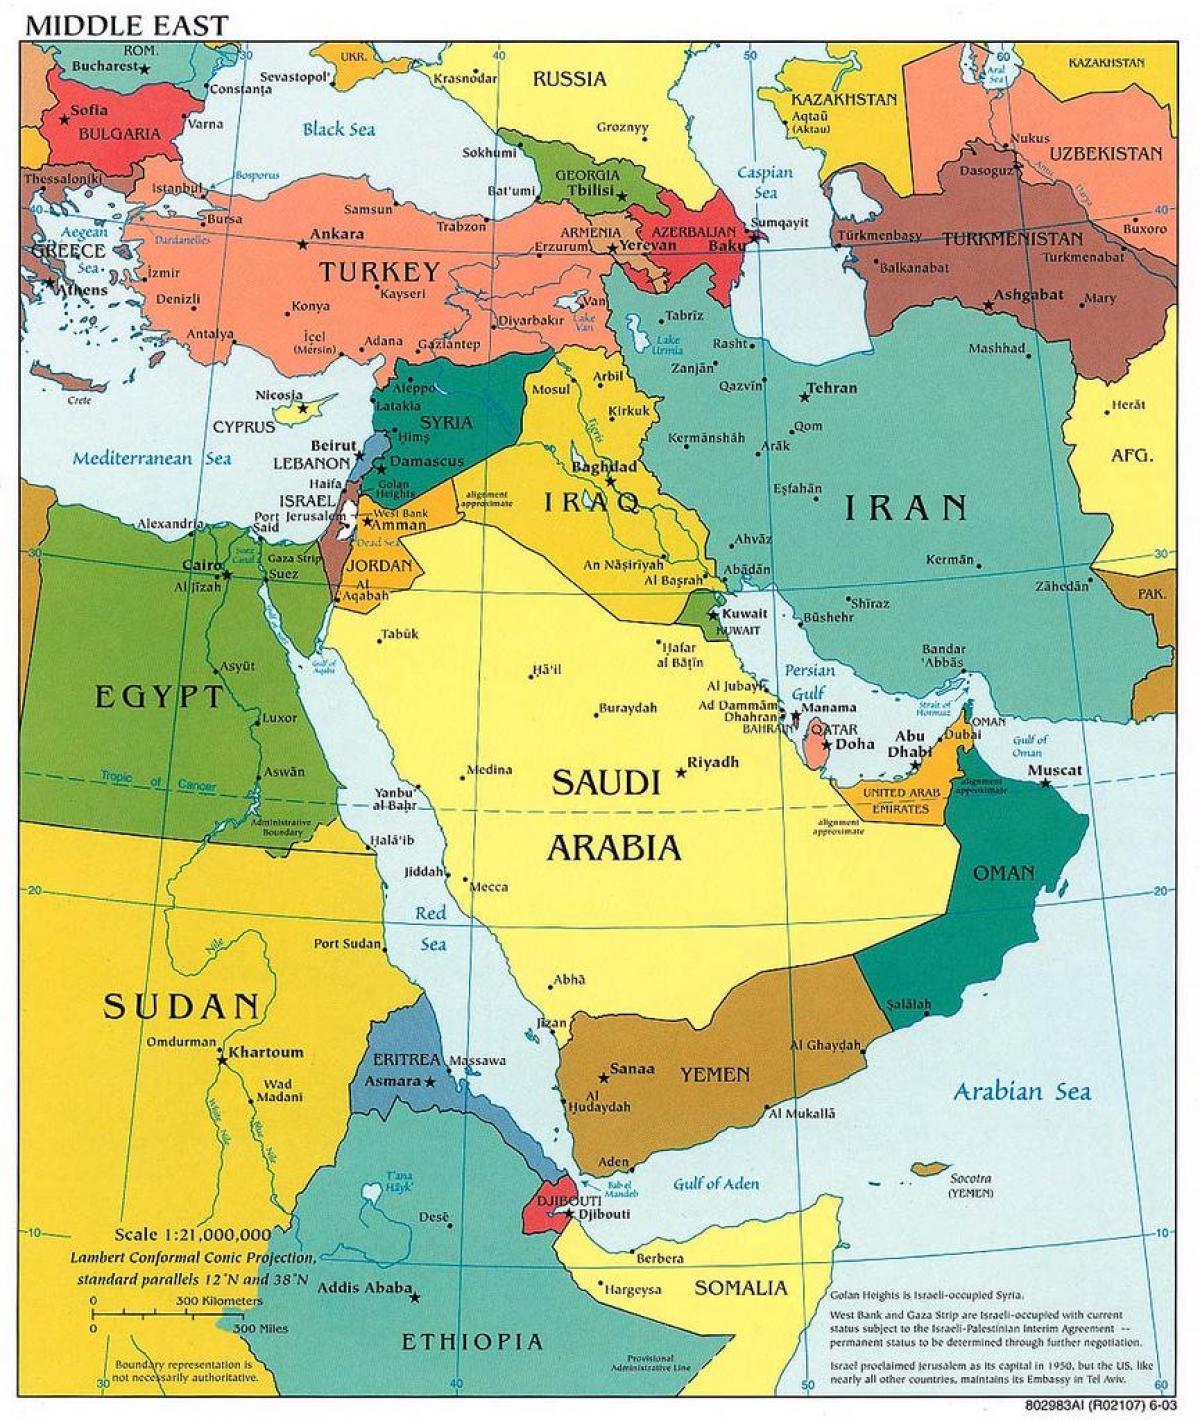 القدس الأوسط خريطة الشرق الأوسط خريطة القدس إسرائيل